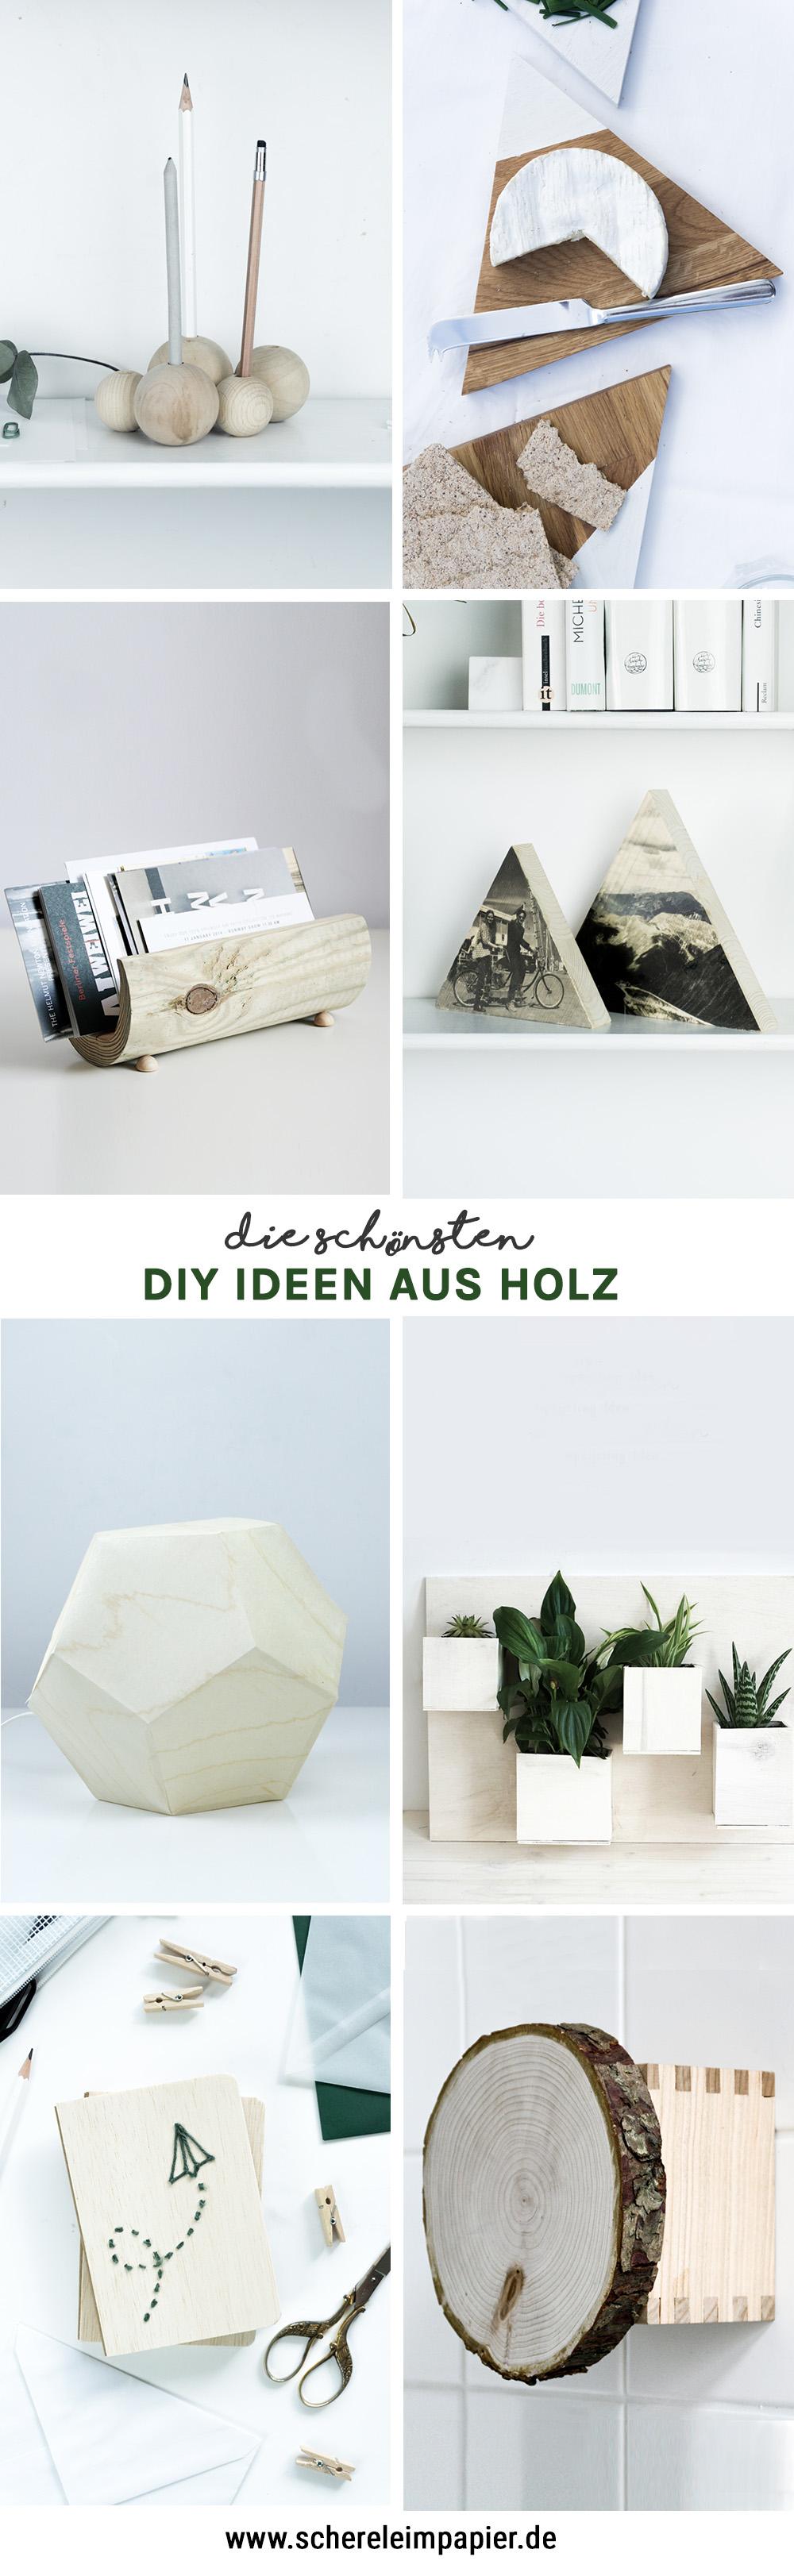 Diy Ideen Aus Holz  Schereleimpapier DIY Und Upcycling Blog Aus Berlin    Kreative Tutorials Für